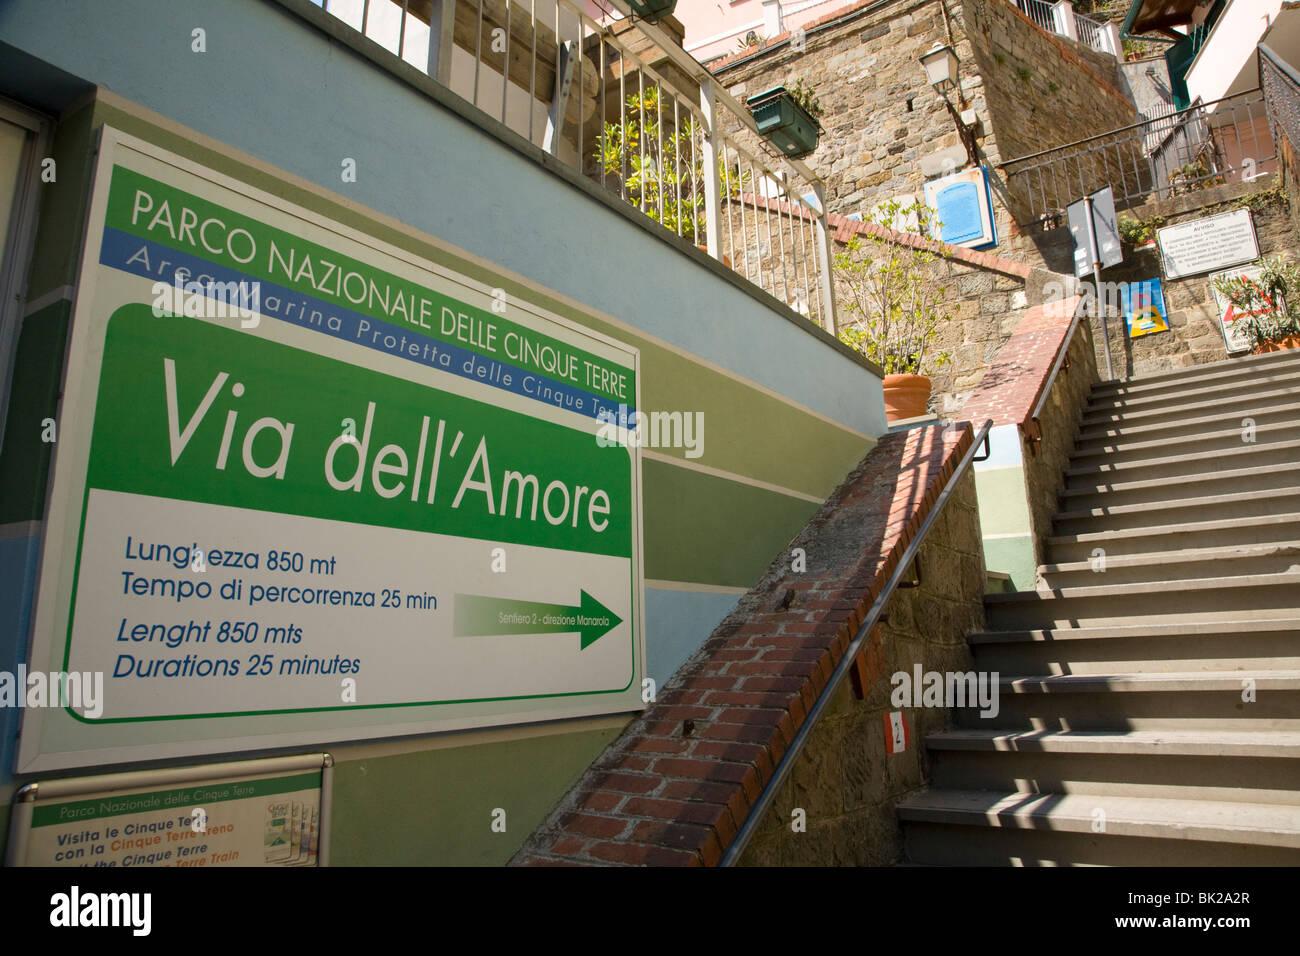 Start of the Via del Amore, Riomaggiore, Cinque Terre, Liguria, Italy - Stock Image